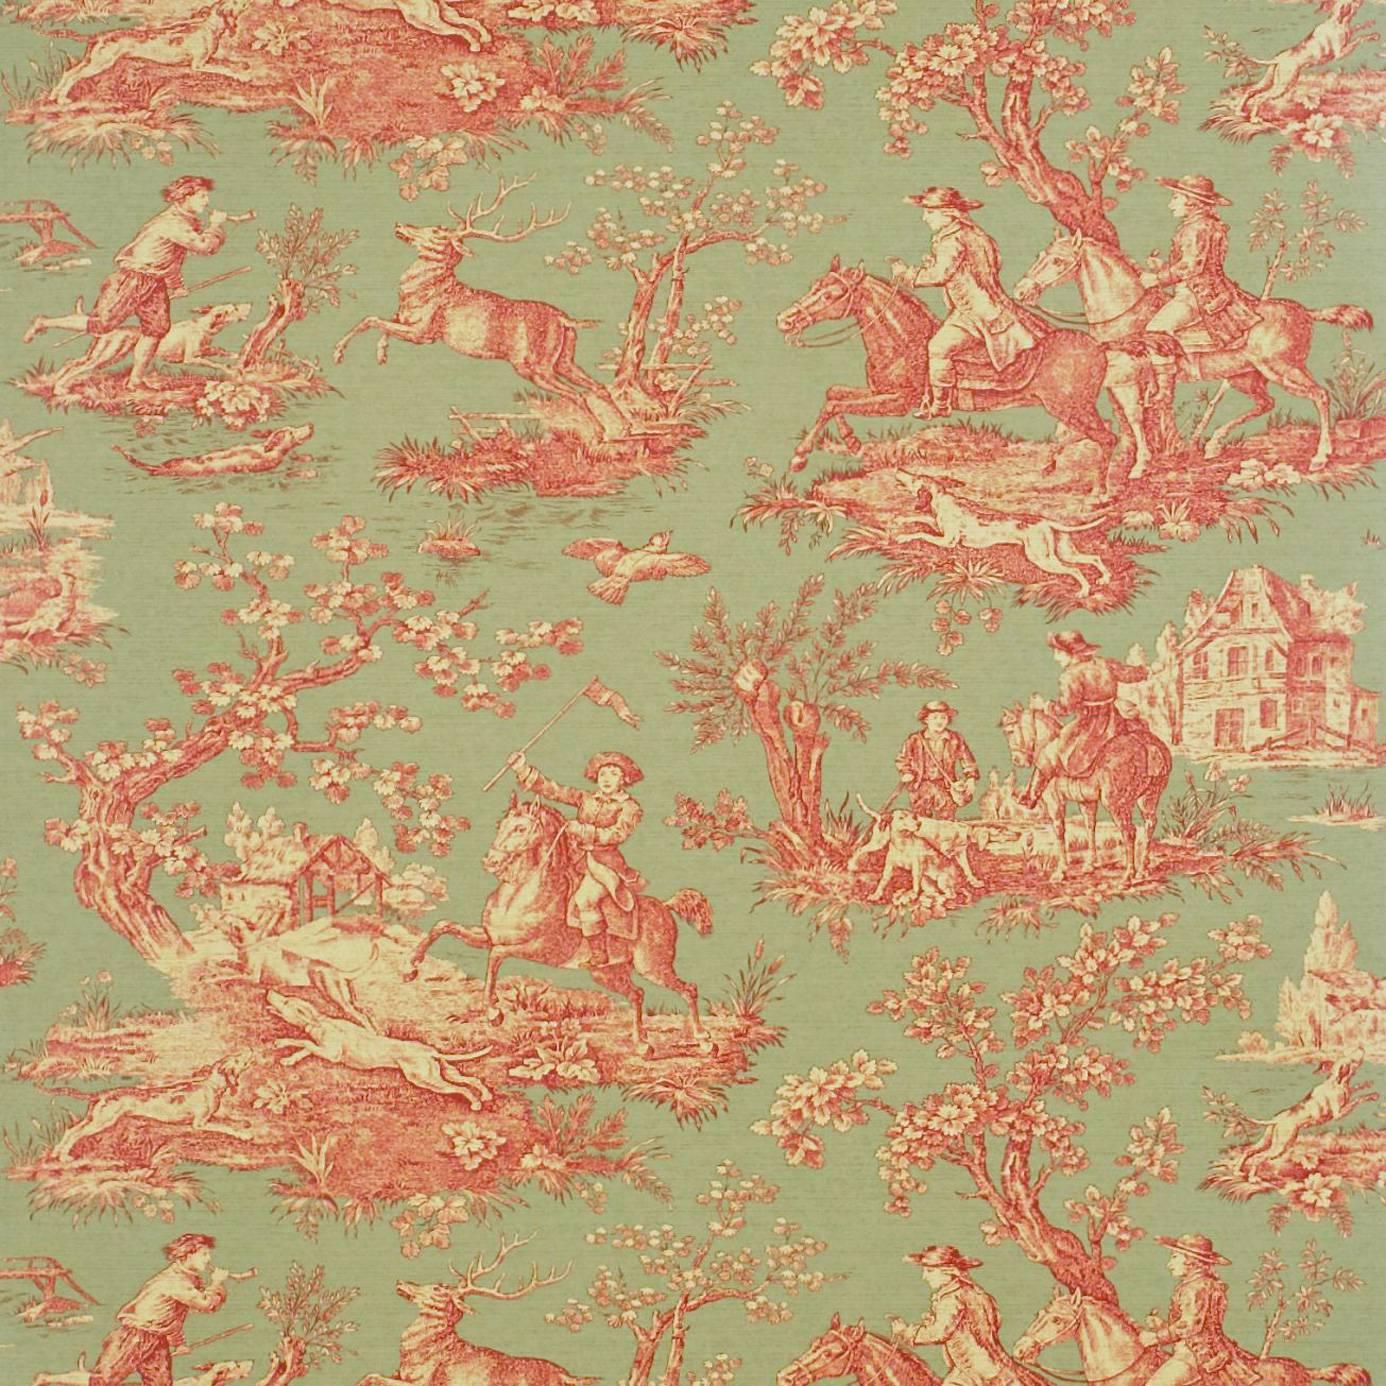 stag hunting wallpaper fern rust ecru degtst103